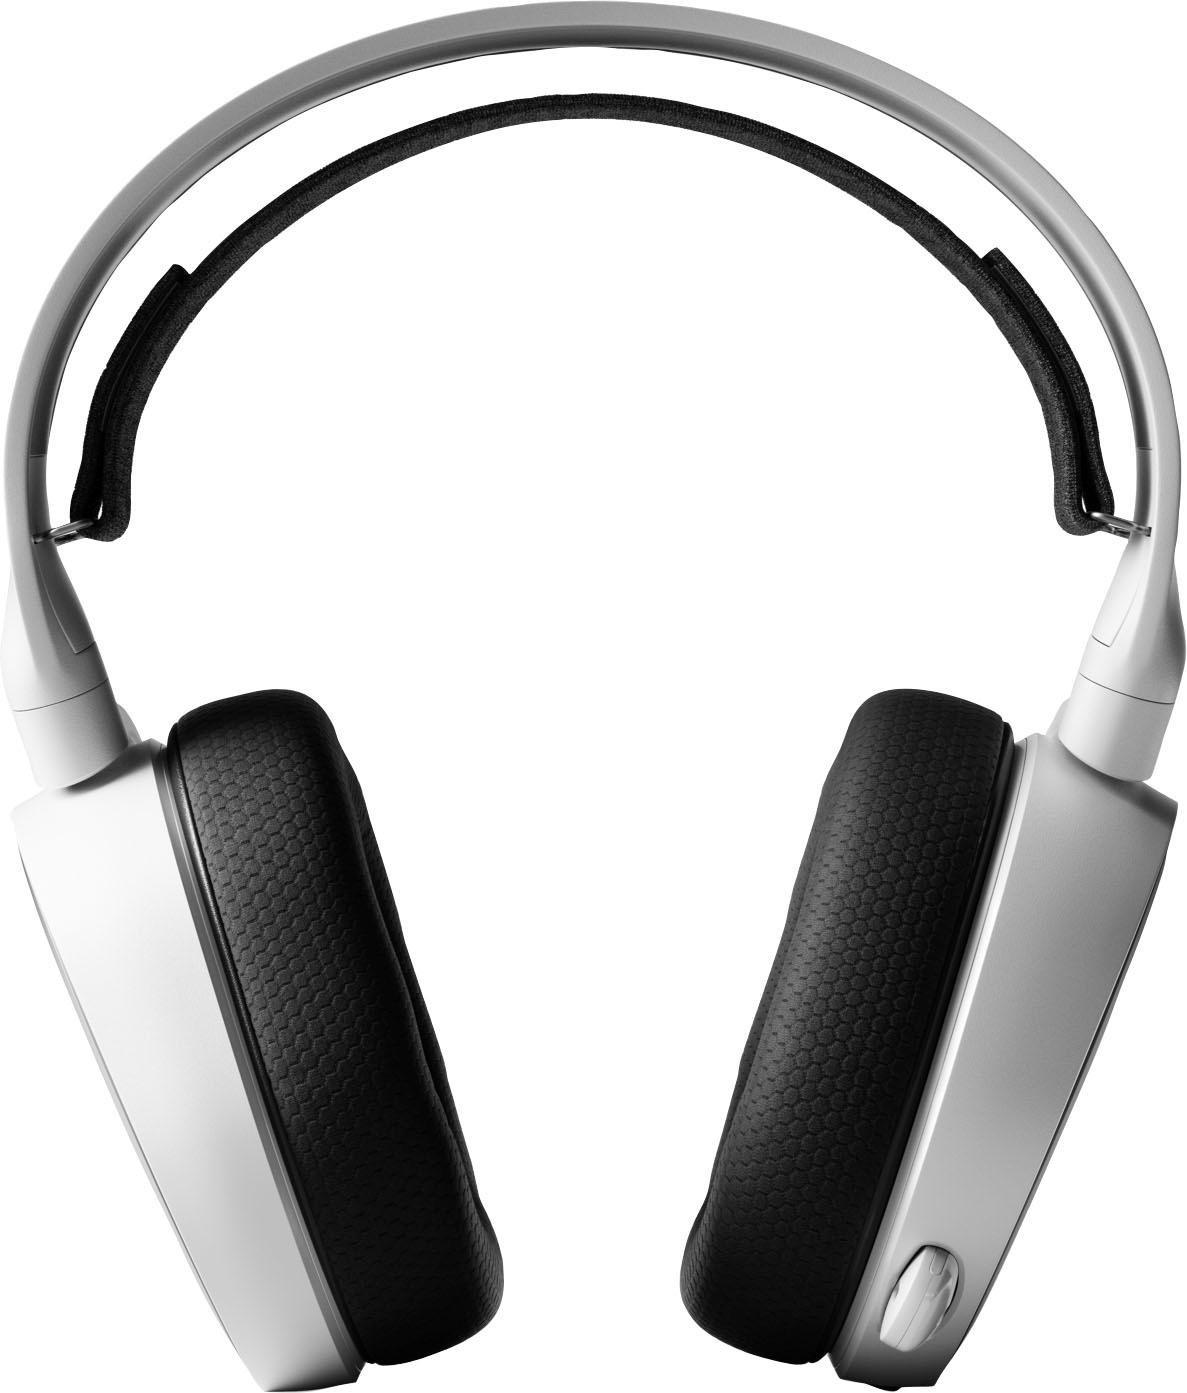 Steelseries »Arctis 3 (2019 Edition) Wired 7.1-Surround« gaming-headset (bedraad, ruisonderdrukking) veilig op otto.nl kopen